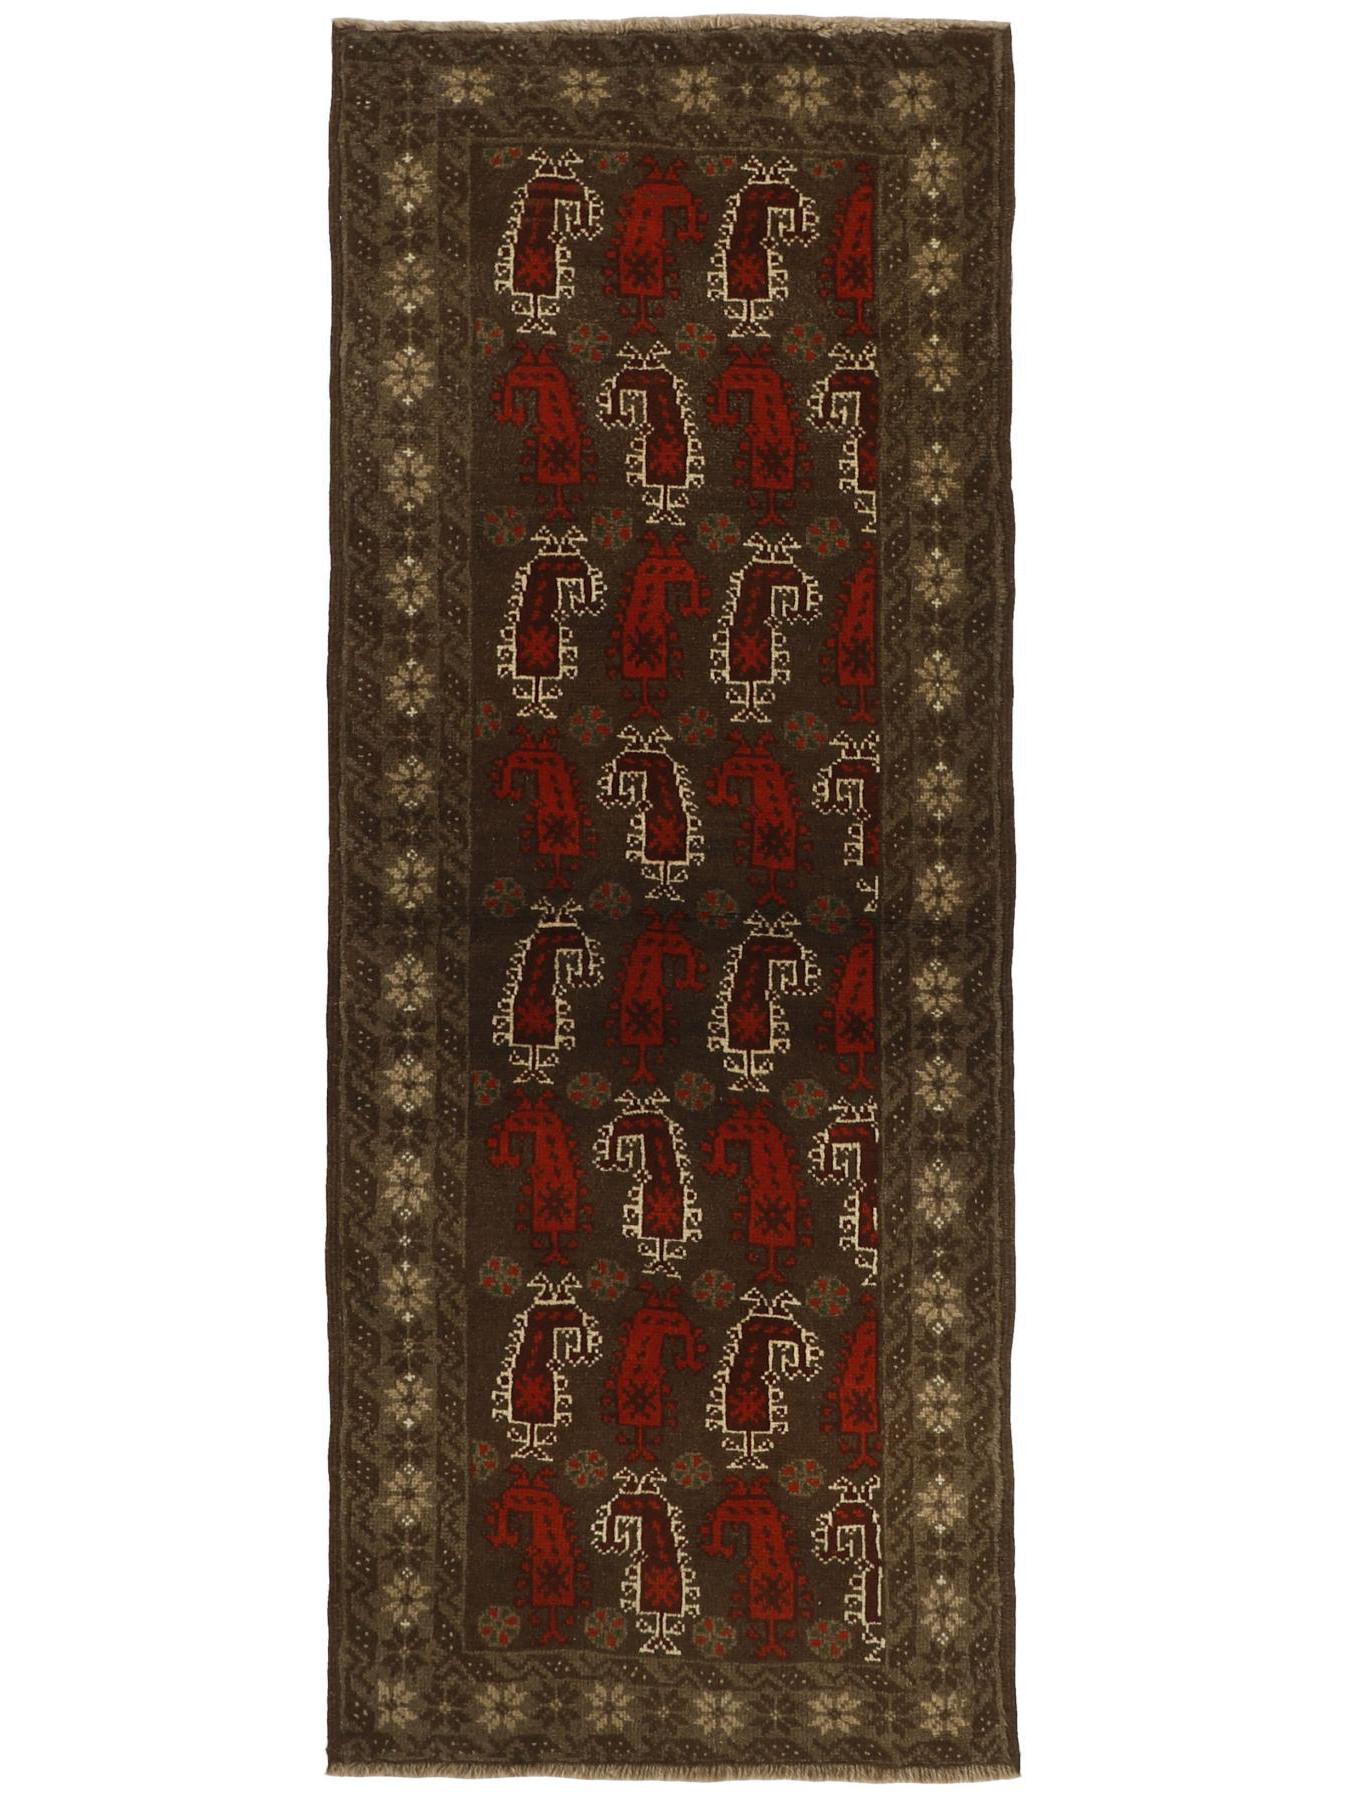 Perzische tapijten - Beloutch